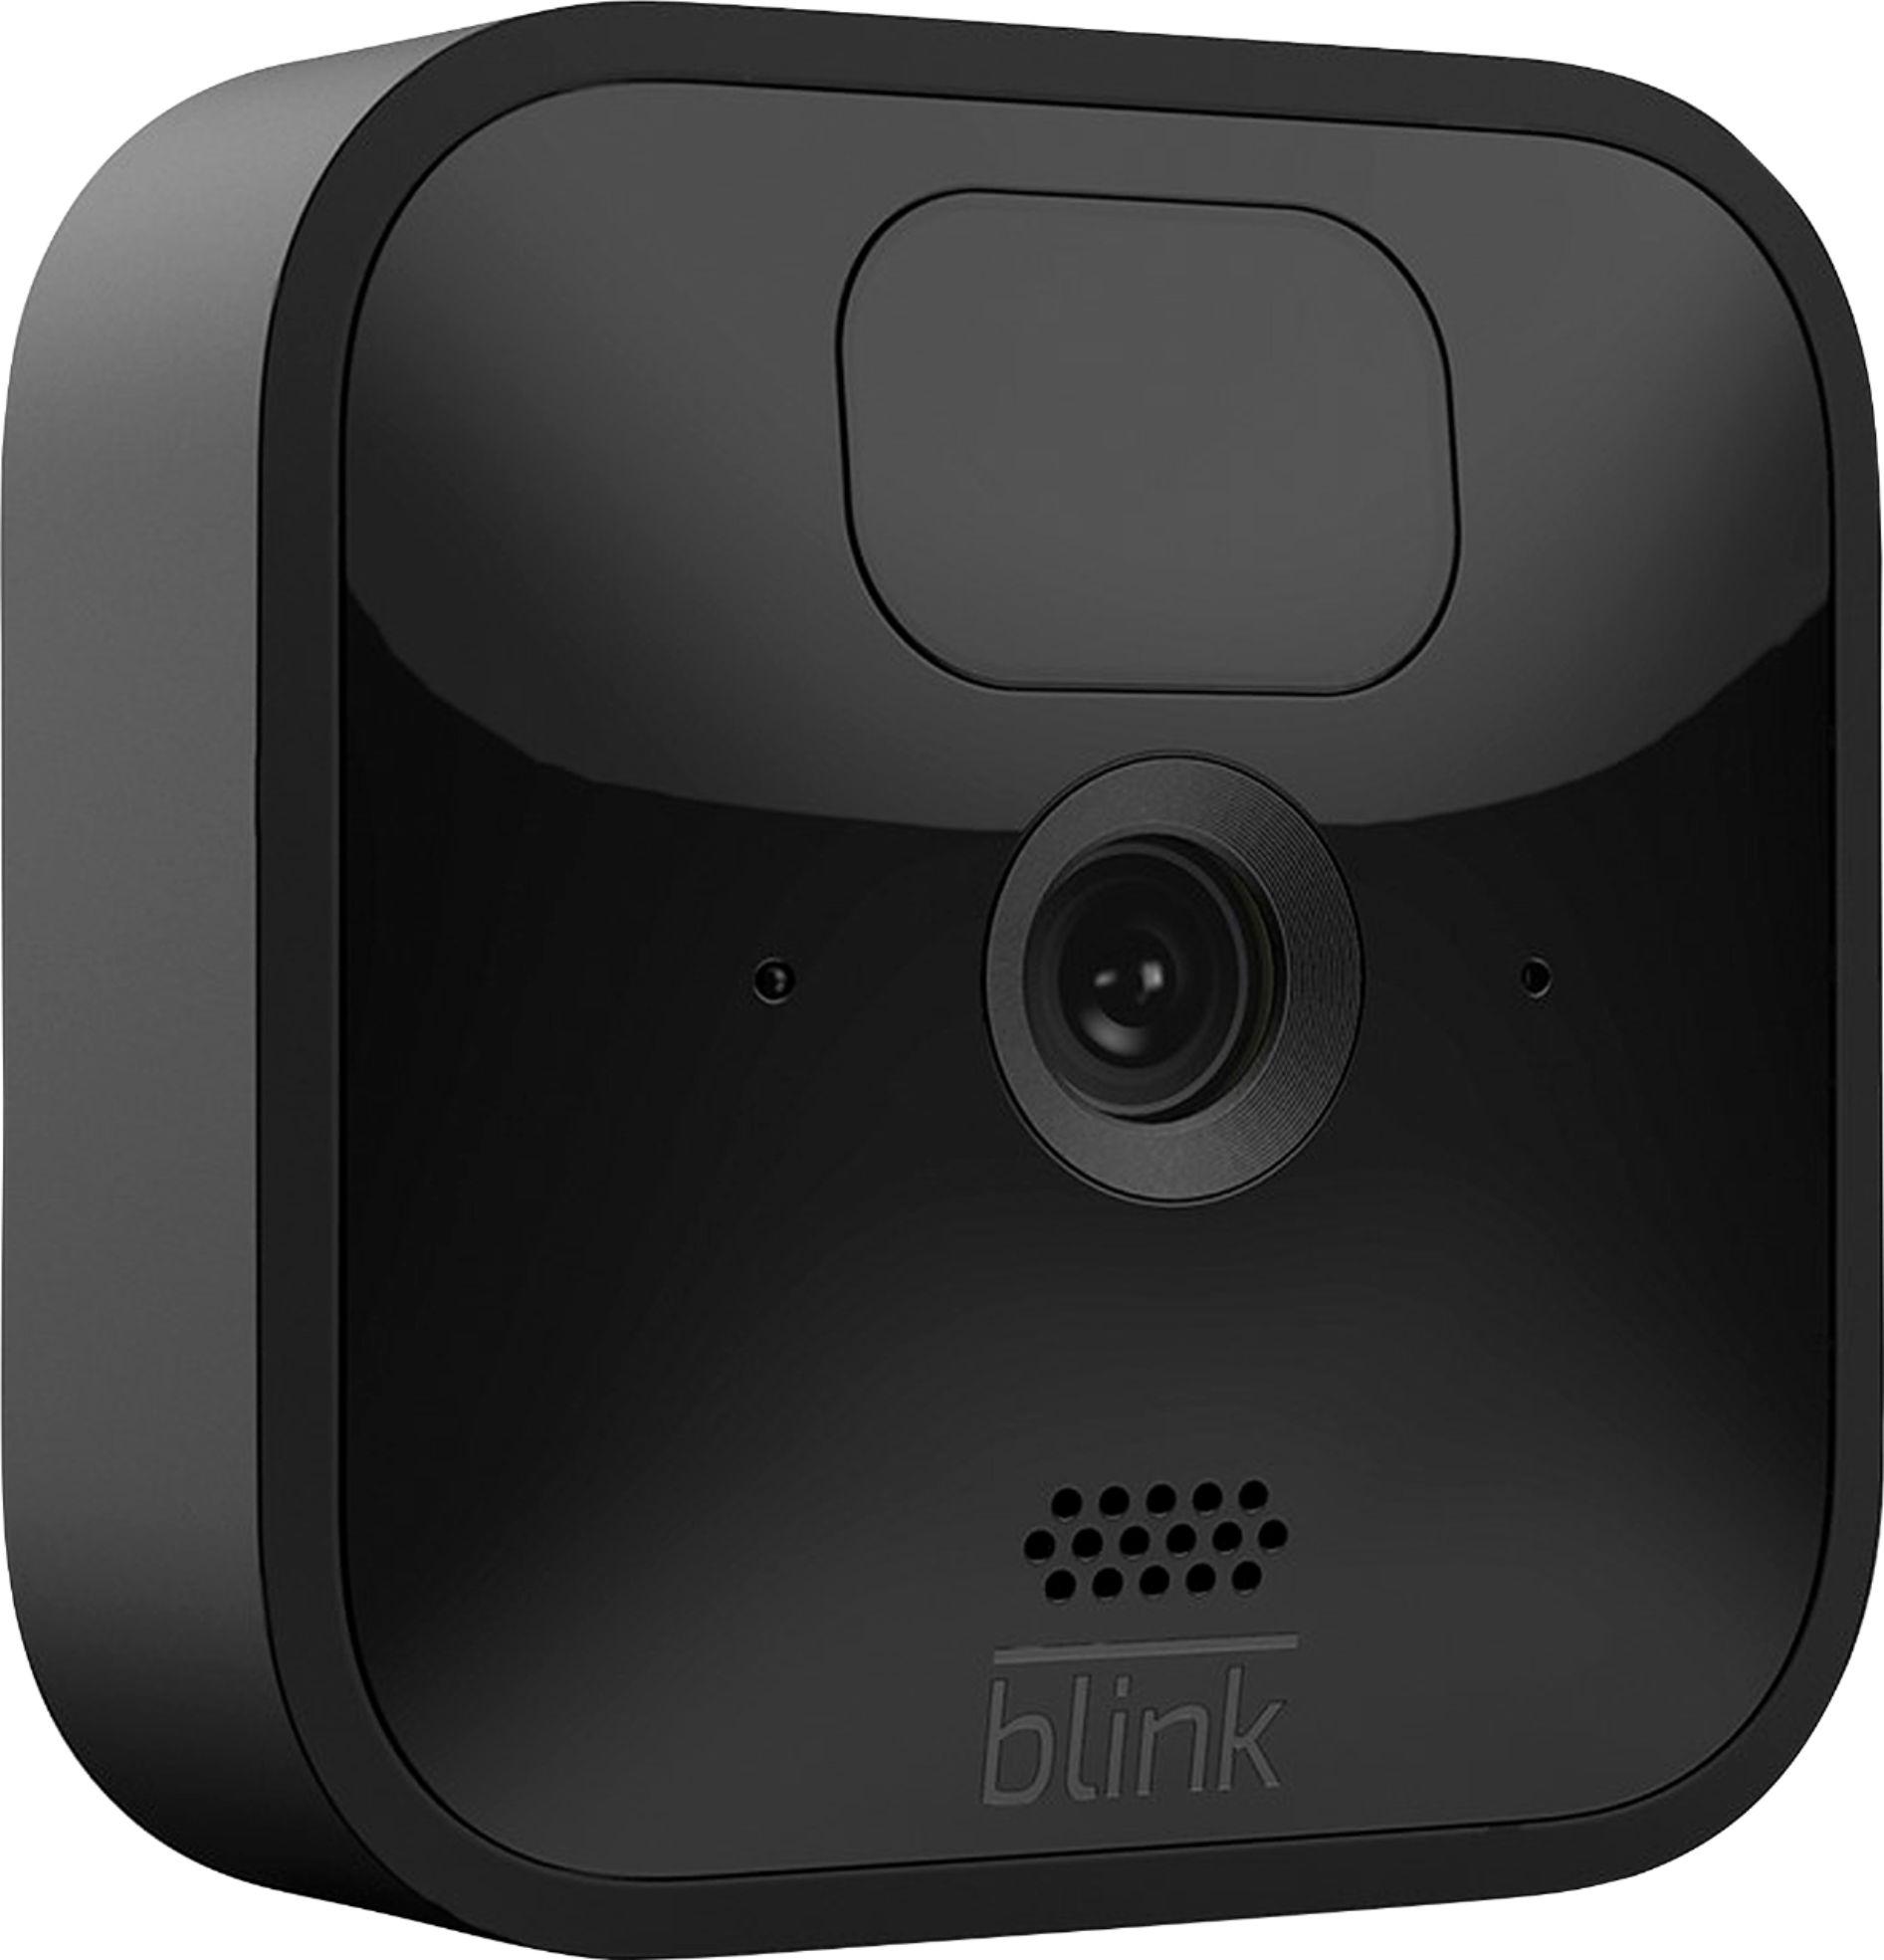 la fotografía ilustra una cámara de seguridad blink outdoor